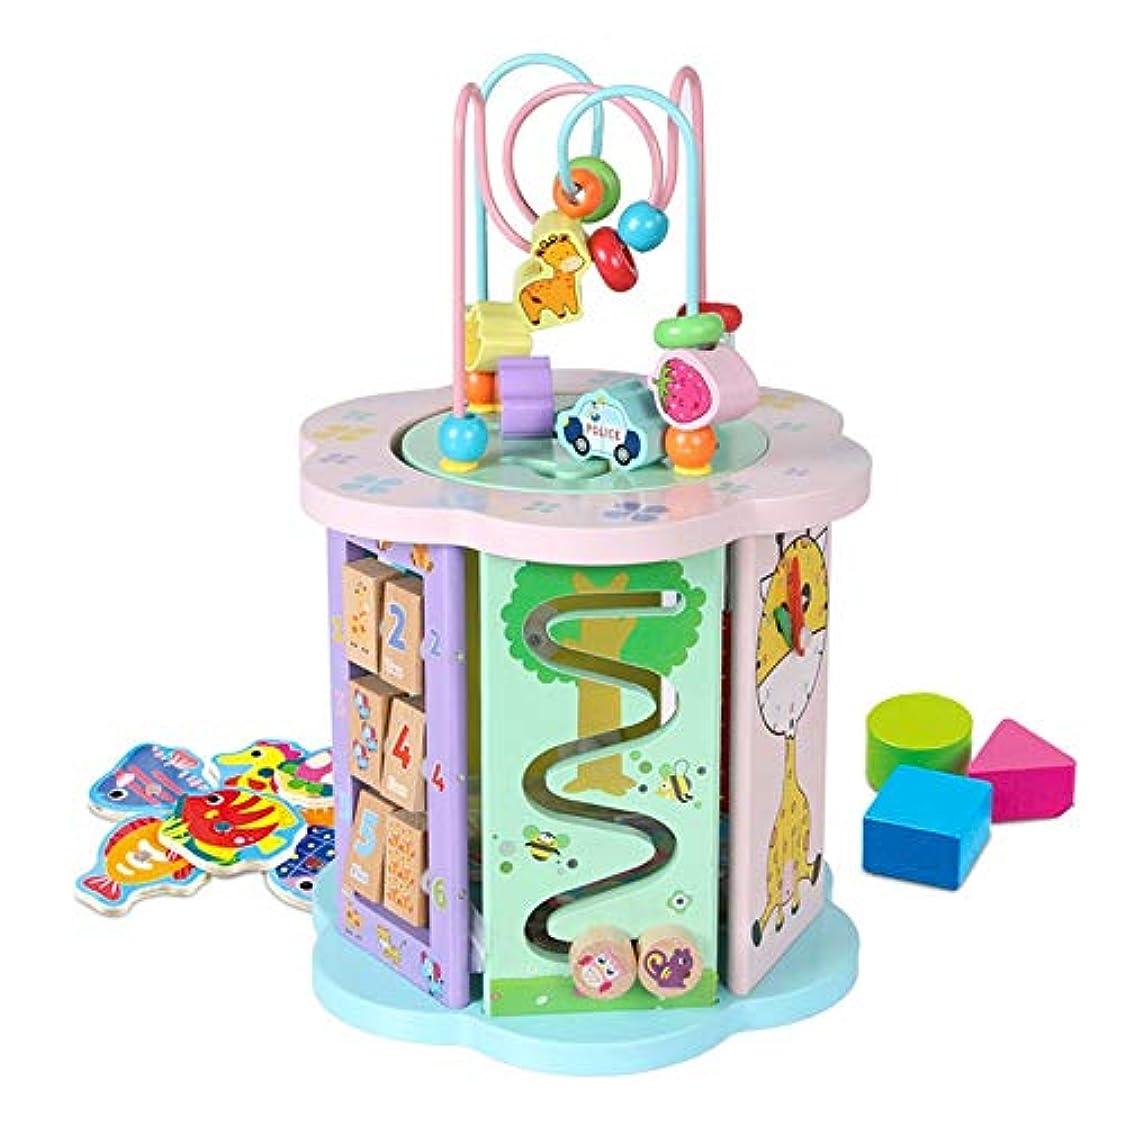 習慣真向こう麦芽ビーズコースター ルーピング パズル木のおもちゃ知的玩具赤ちゃんの早期教育六面体教育玩具、1-12男の子と女の子のためのギフトをビーズ 知育 アクティビティキューブ 子ども 知育玩具 (色 : マルチカラー, サイズ : 21x32.5cm)